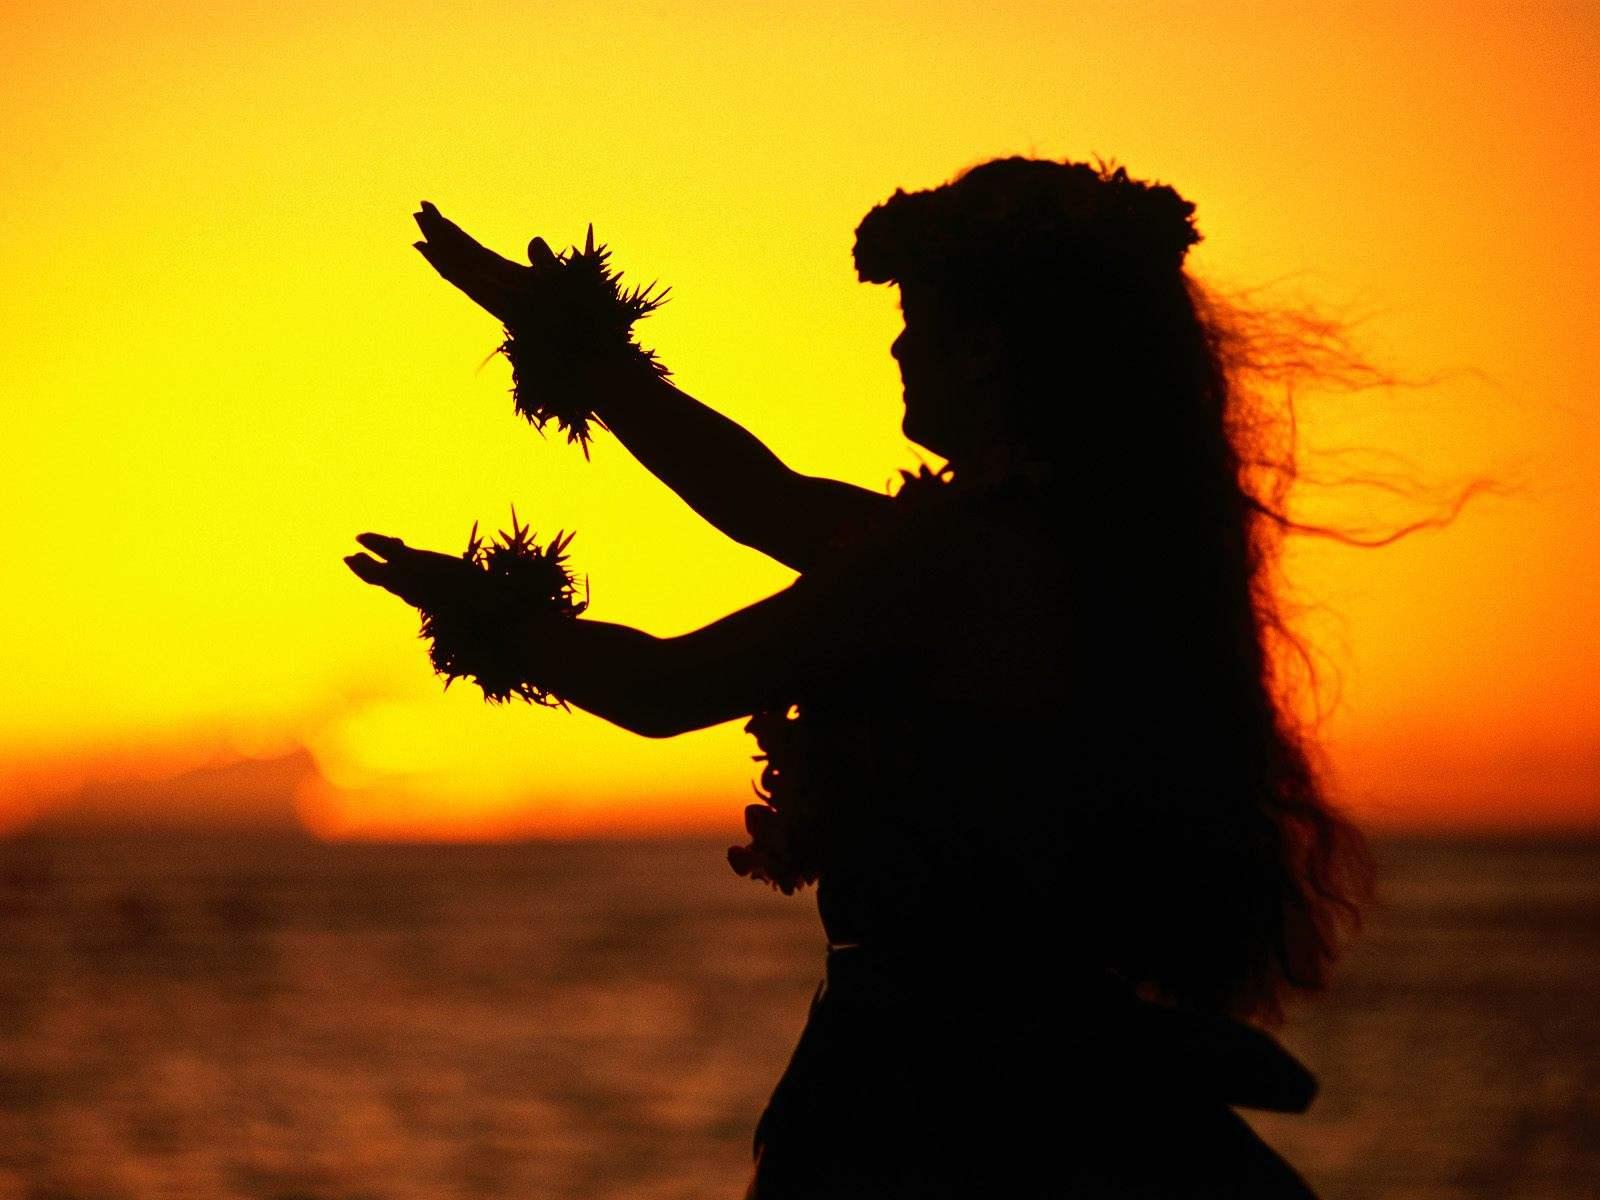 http://1.bp.blogspot.com/-HnAXHMkfrlk/UE_acNHo0pI/AAAAAAAAACo/Zpn6nDLirrA/s1600/Hula_Dancer_at_Sunset_Oahu_Hawaii.jpg